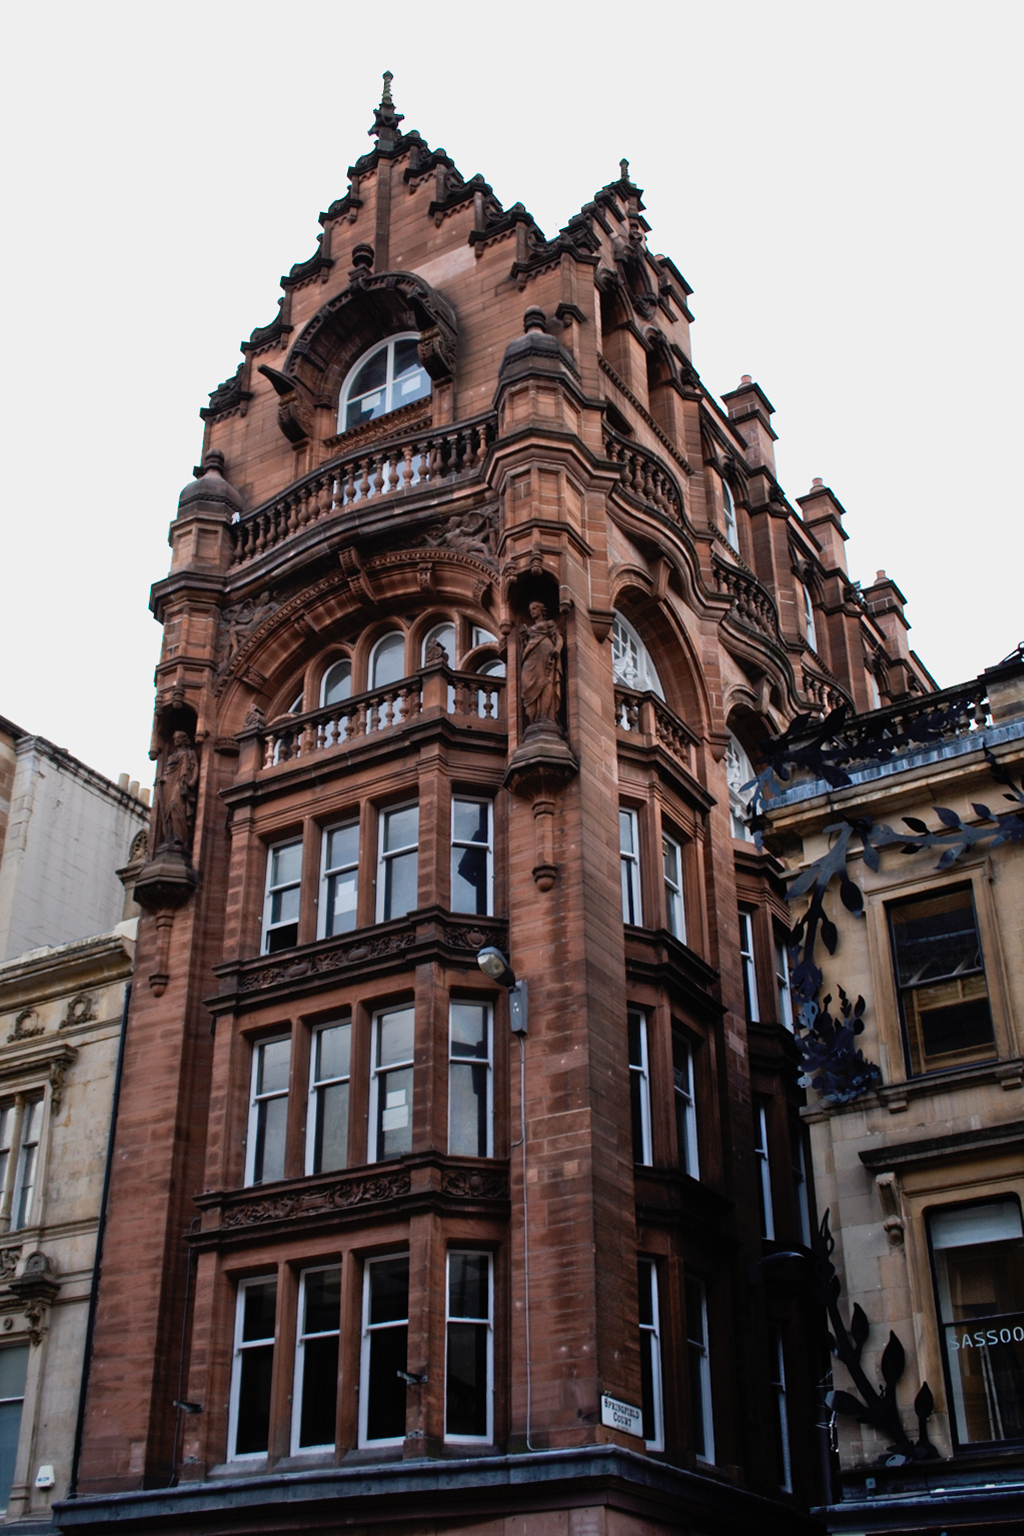 Ein paar Stunden in Glasgow - historische Gebäude - Zebraspider DIY Anti-Fashion Blog